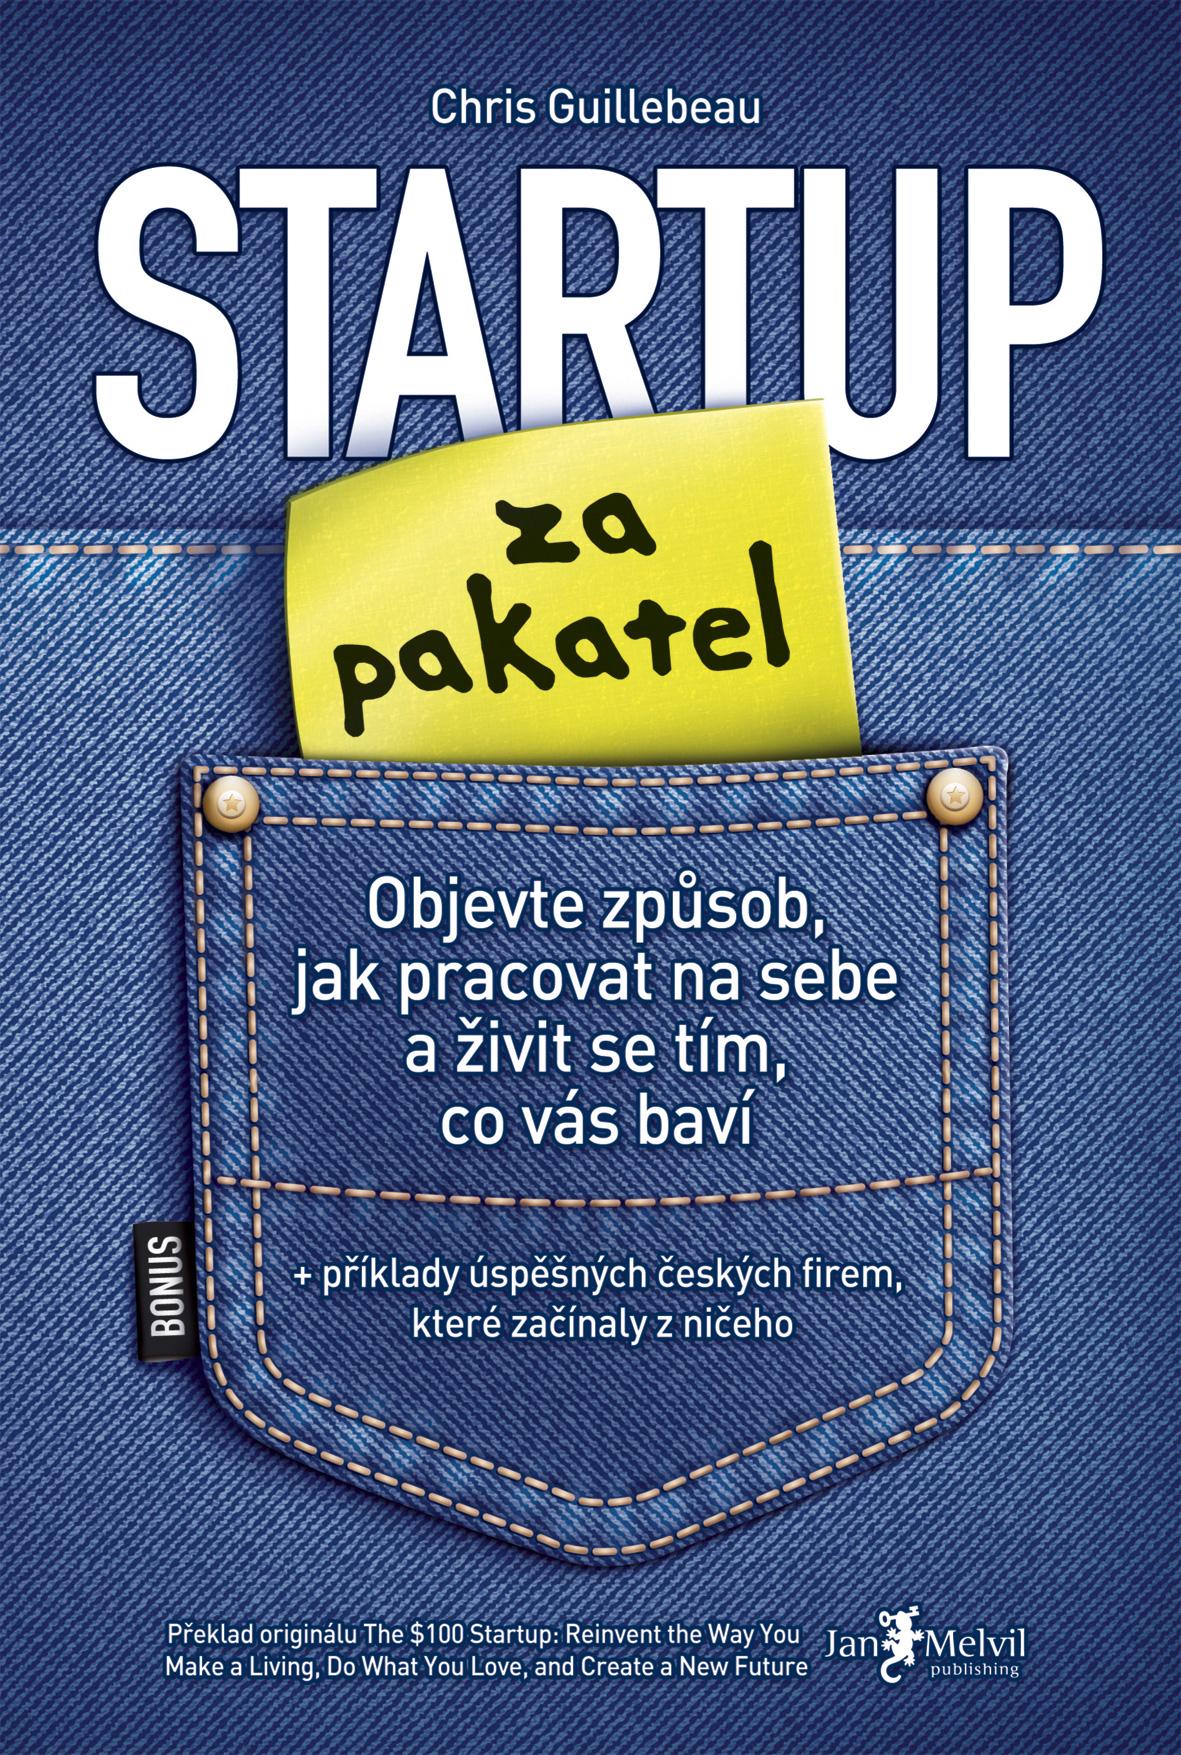 Startup za pakatel - Objevte způsob, jak pracovat na sebe a živit se tím, co vás baví